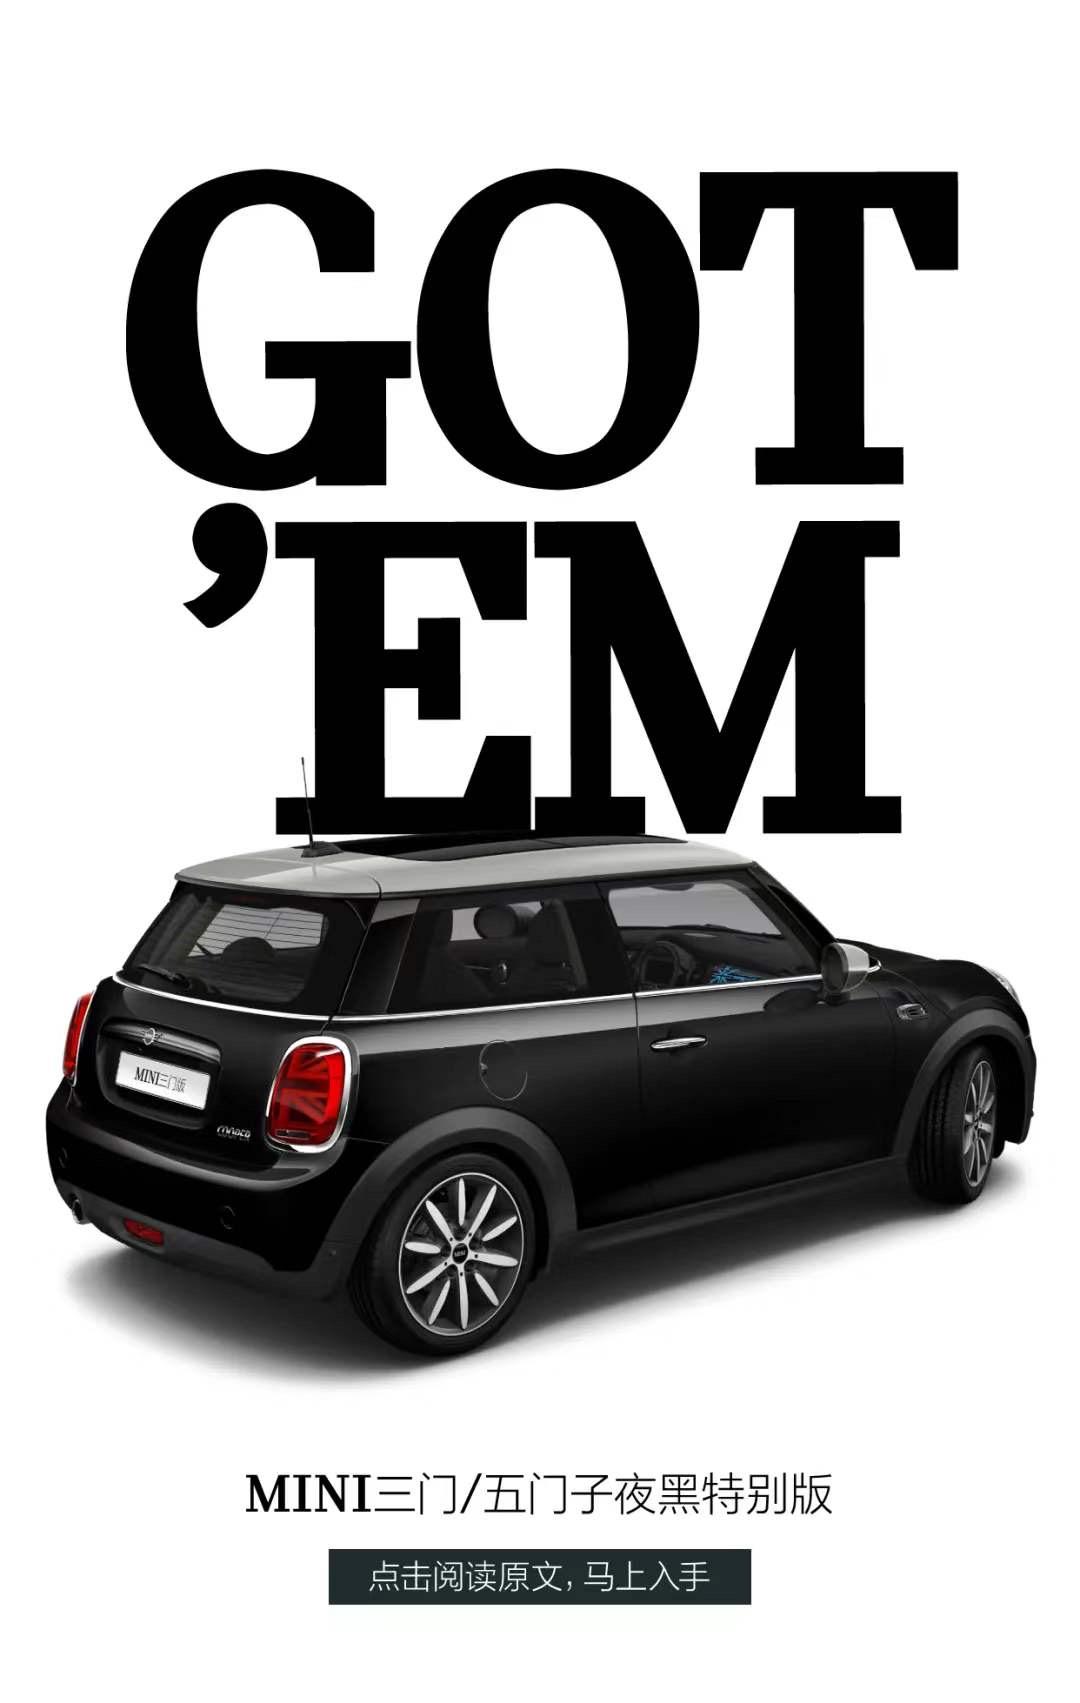 「汽车V报」吉利ICON春季限定版内饰官图发布;长安UNI-K于正式上市-20210329-VDGER